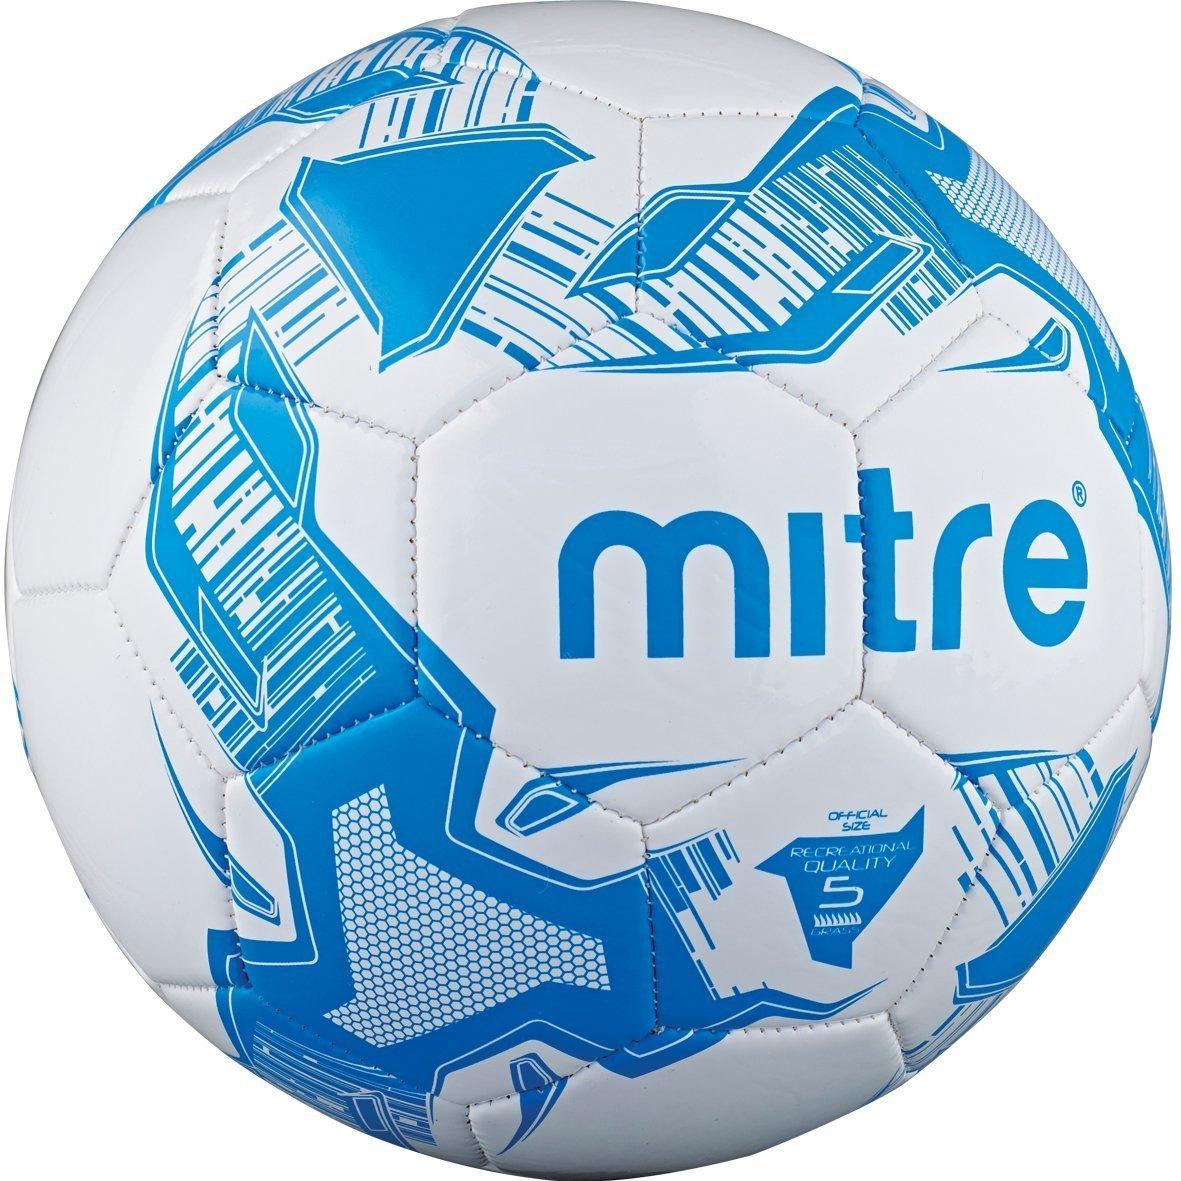 Mitre Balon de fútbol: Amazon.es: Deportes y aire libre